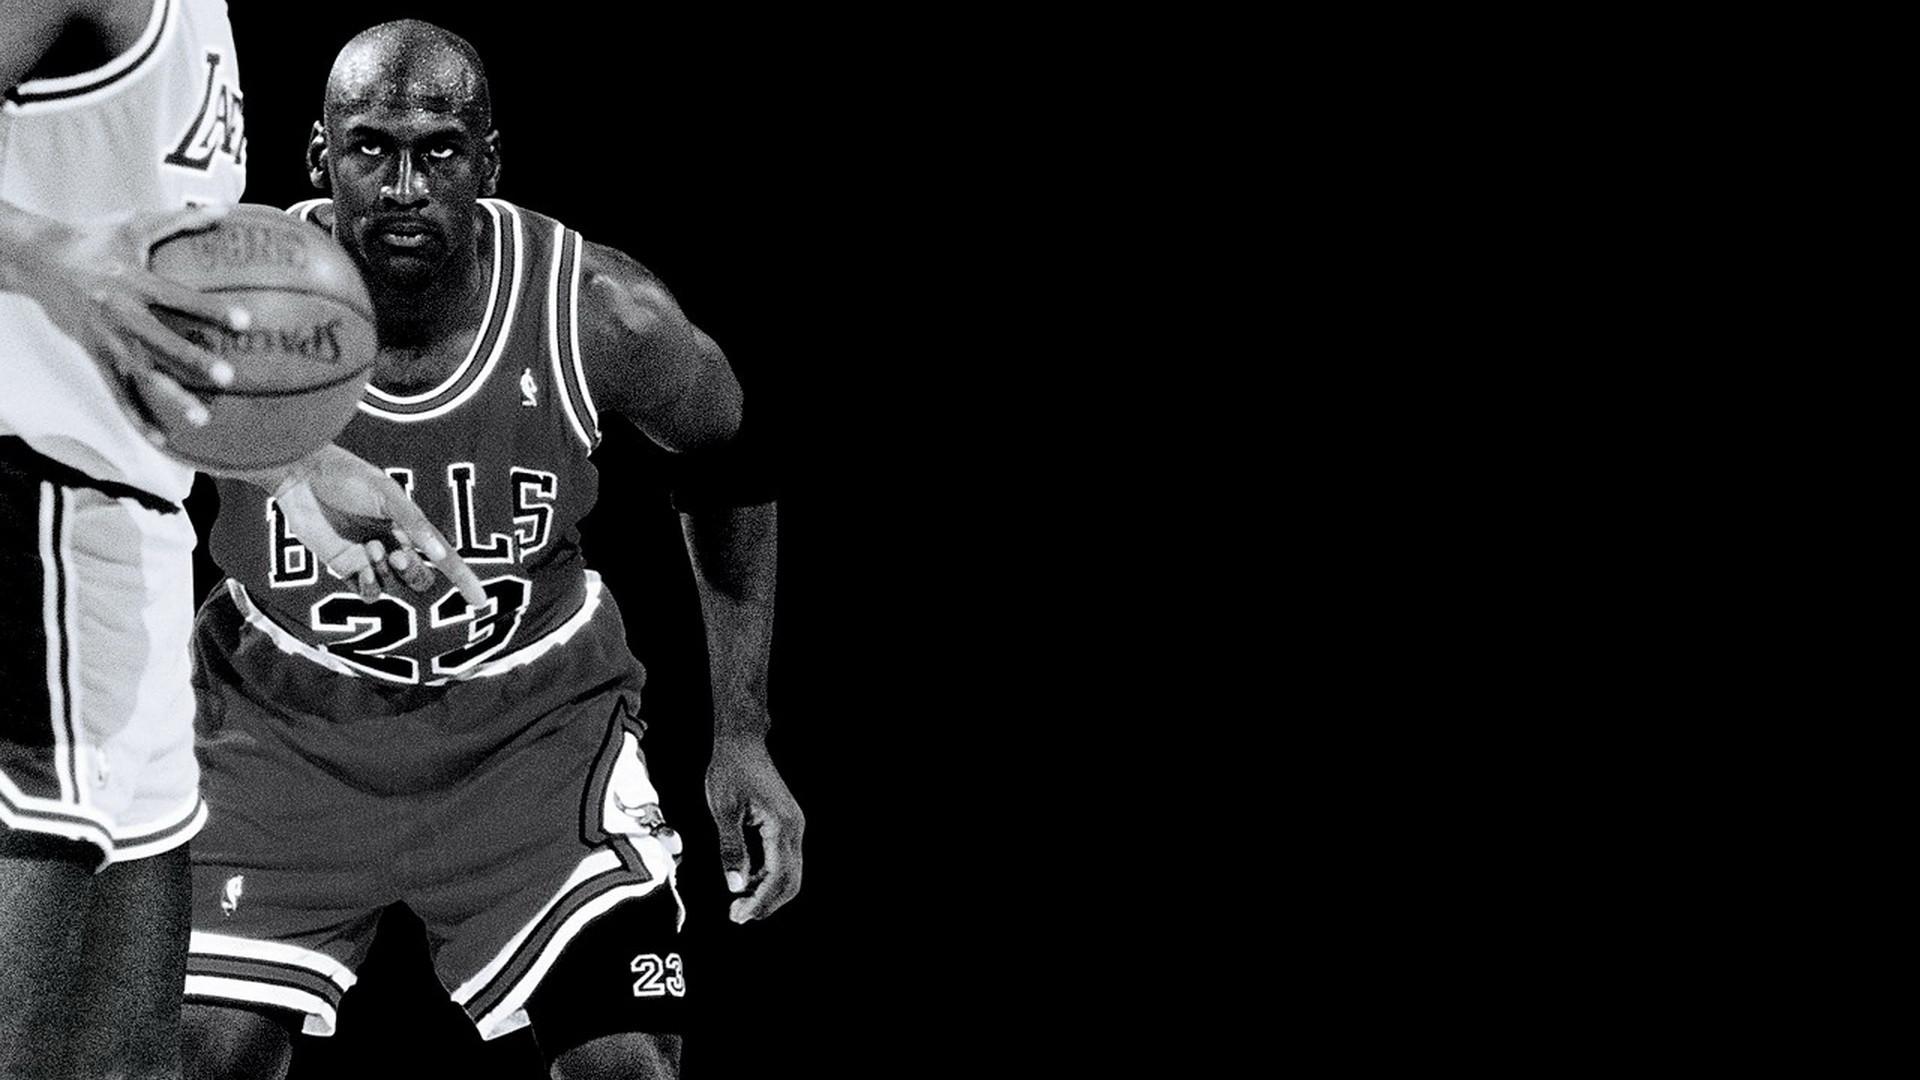 Michael Jordan Wallpapers Basketball Wallpapers At